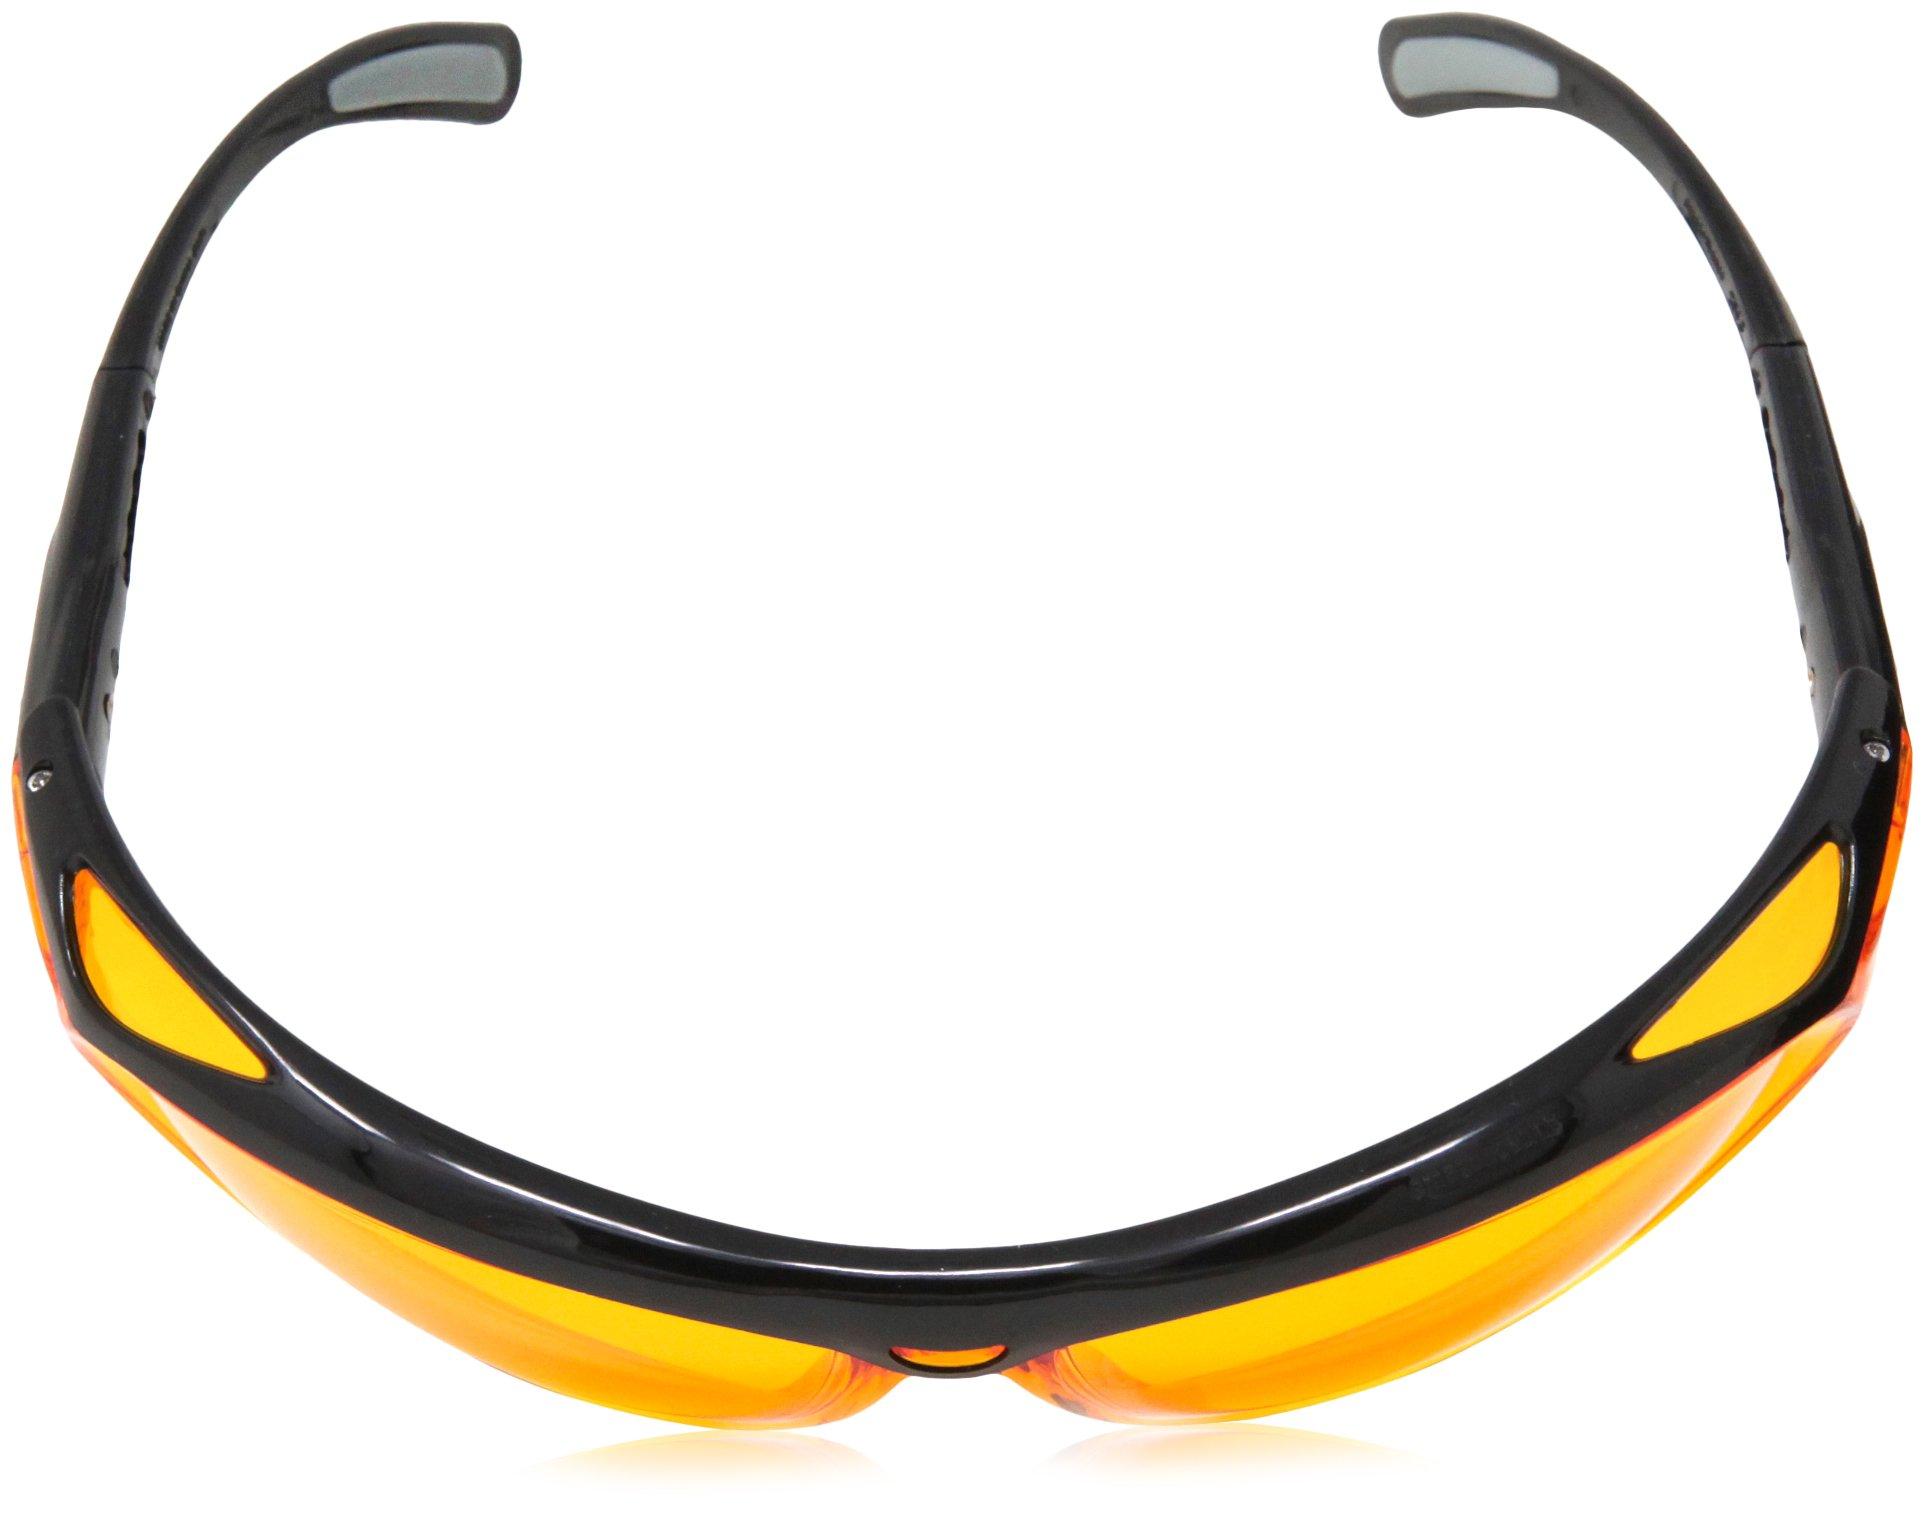 AmazonBasics Blue Light Blocking Safety Glasses, Anti-Fog, Orange Lens, 12-Count by AmazonBasics (Image #8)